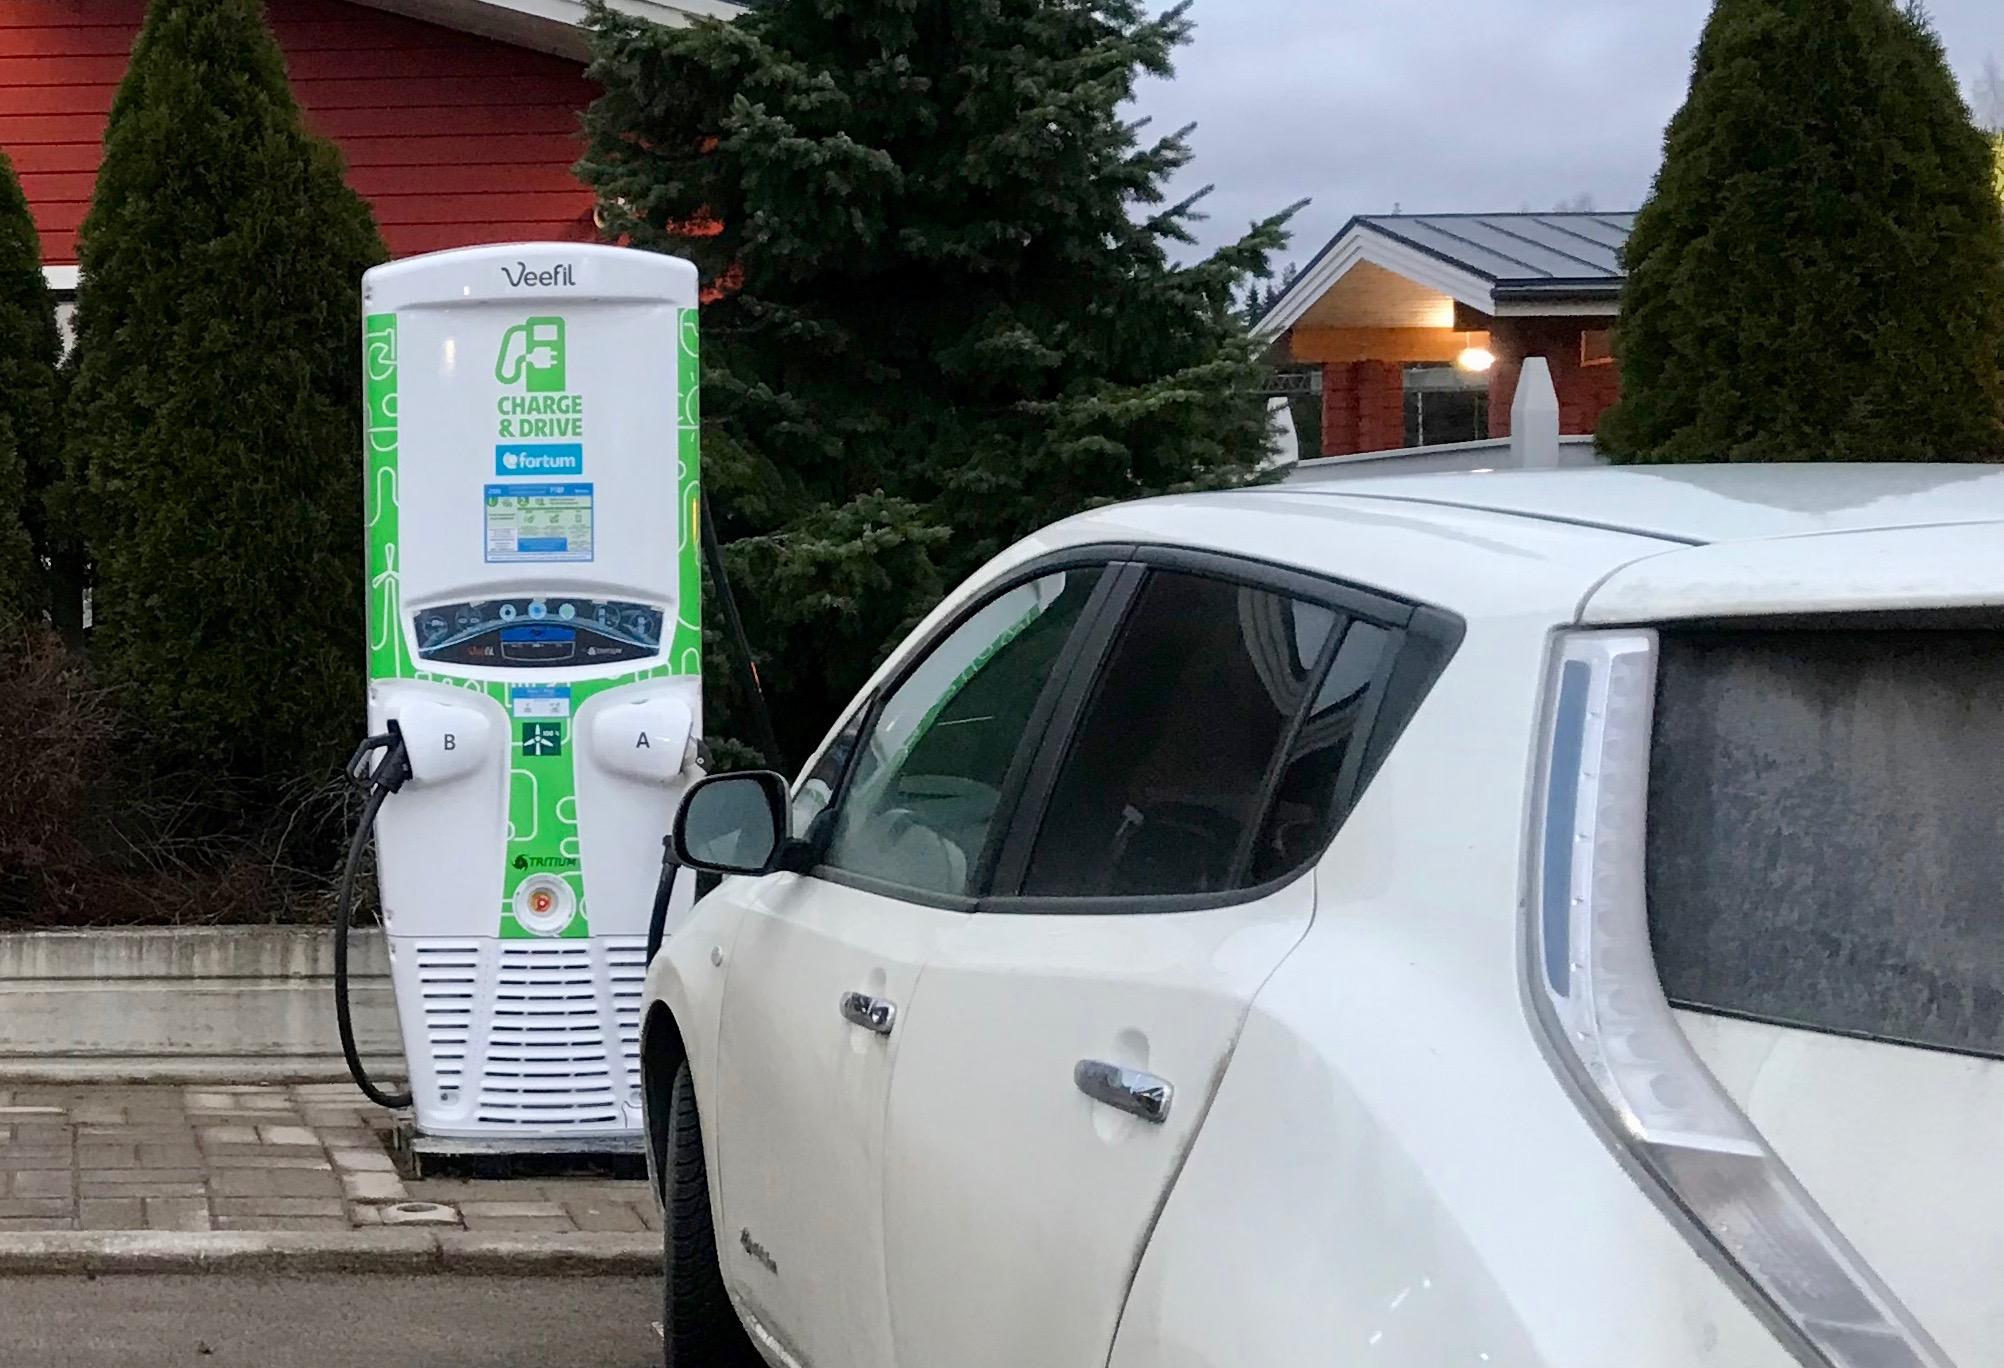 Sähköautotie Tampereelta Jyväskylään on vihdoin avattu!